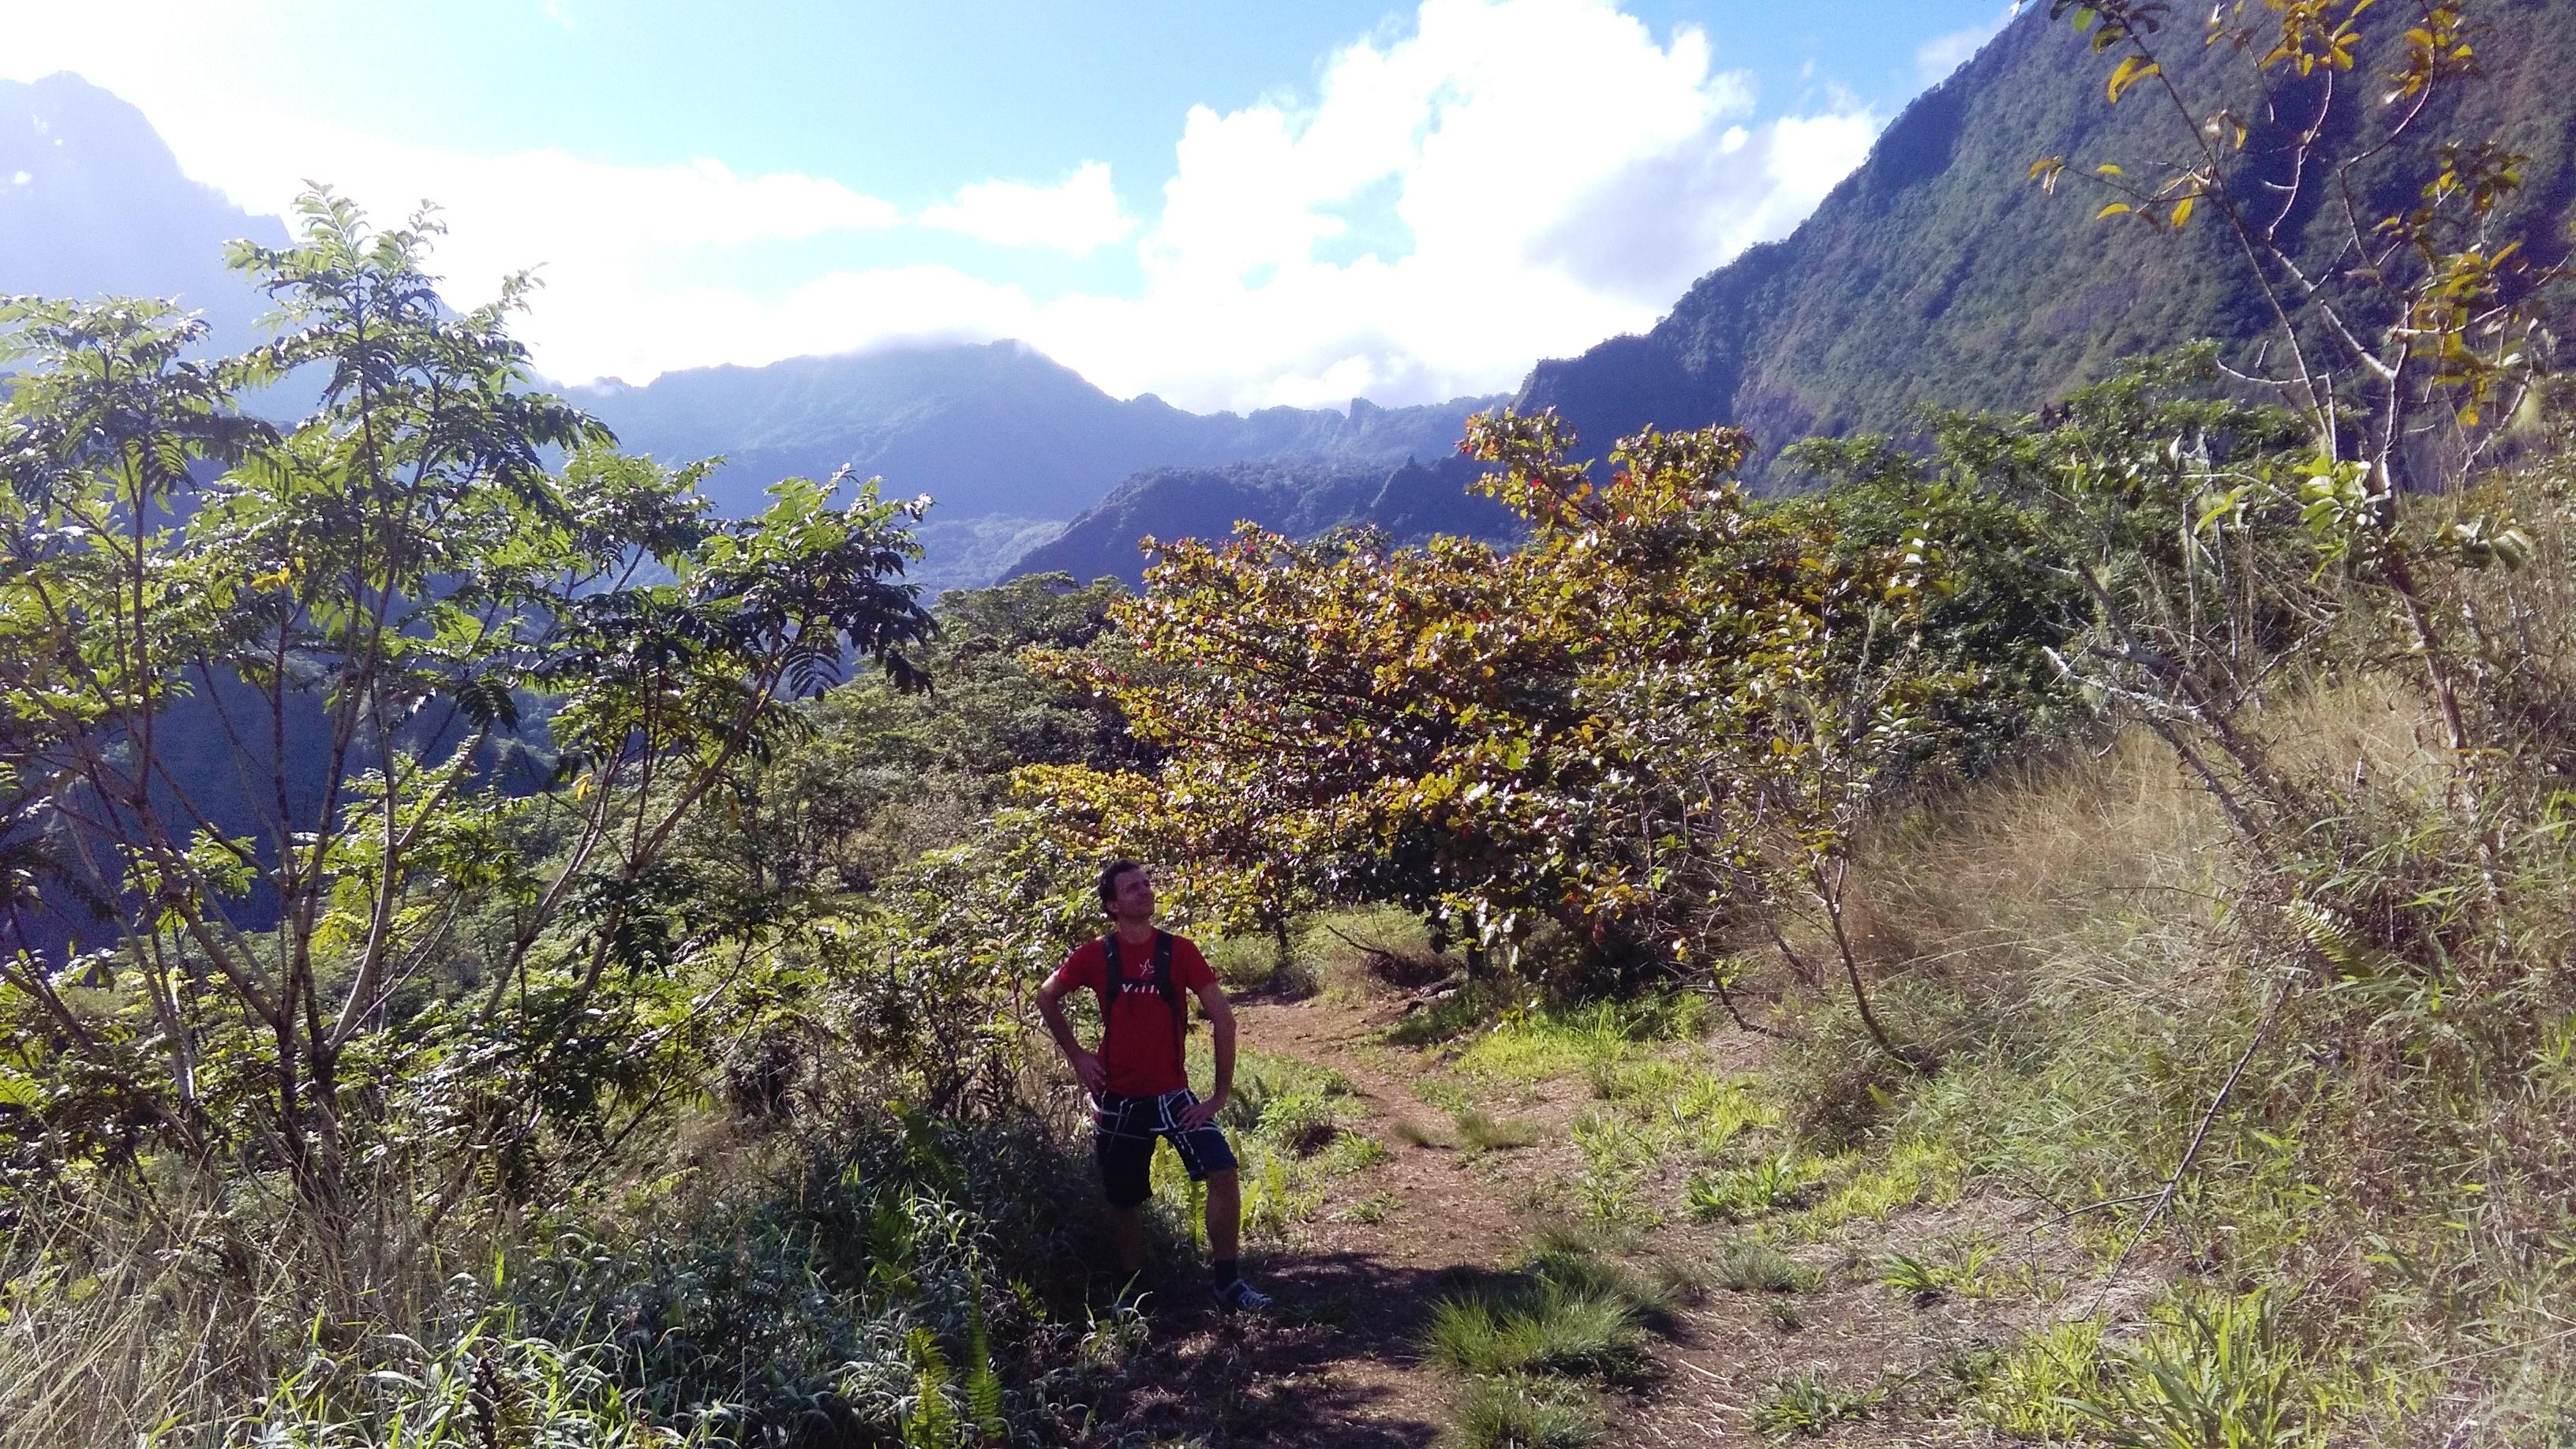 Randonnée du plateau des orangers : un vrai délice